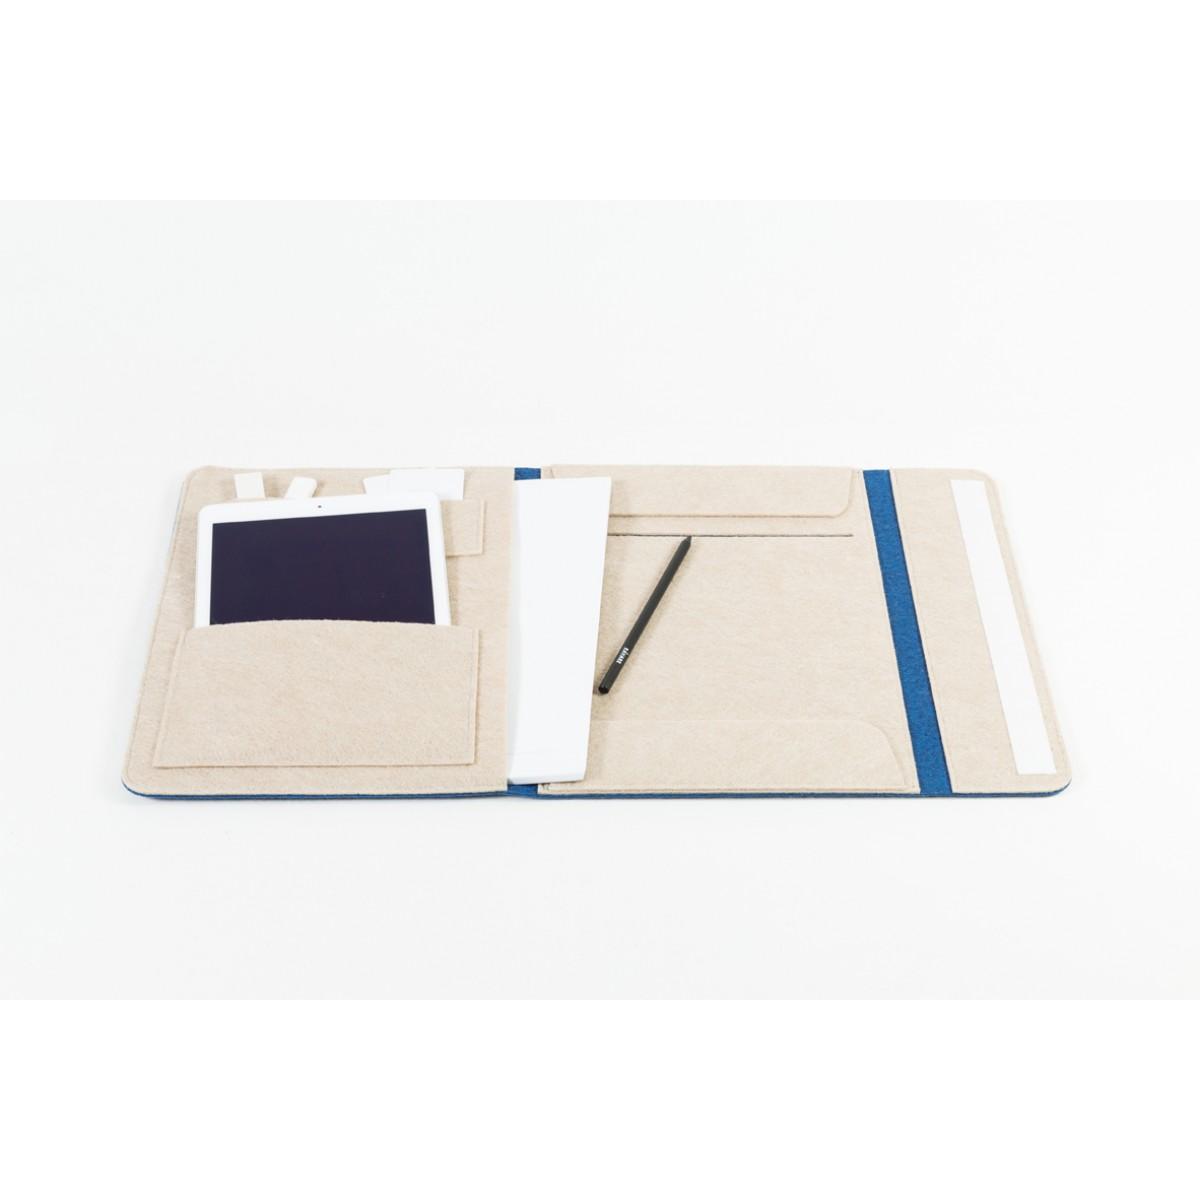 RÅVARE Dokumententasche Dokumentenmappe für A4-Dokumente und Tablet ≤12.3″ in blau-beige [HELLA]